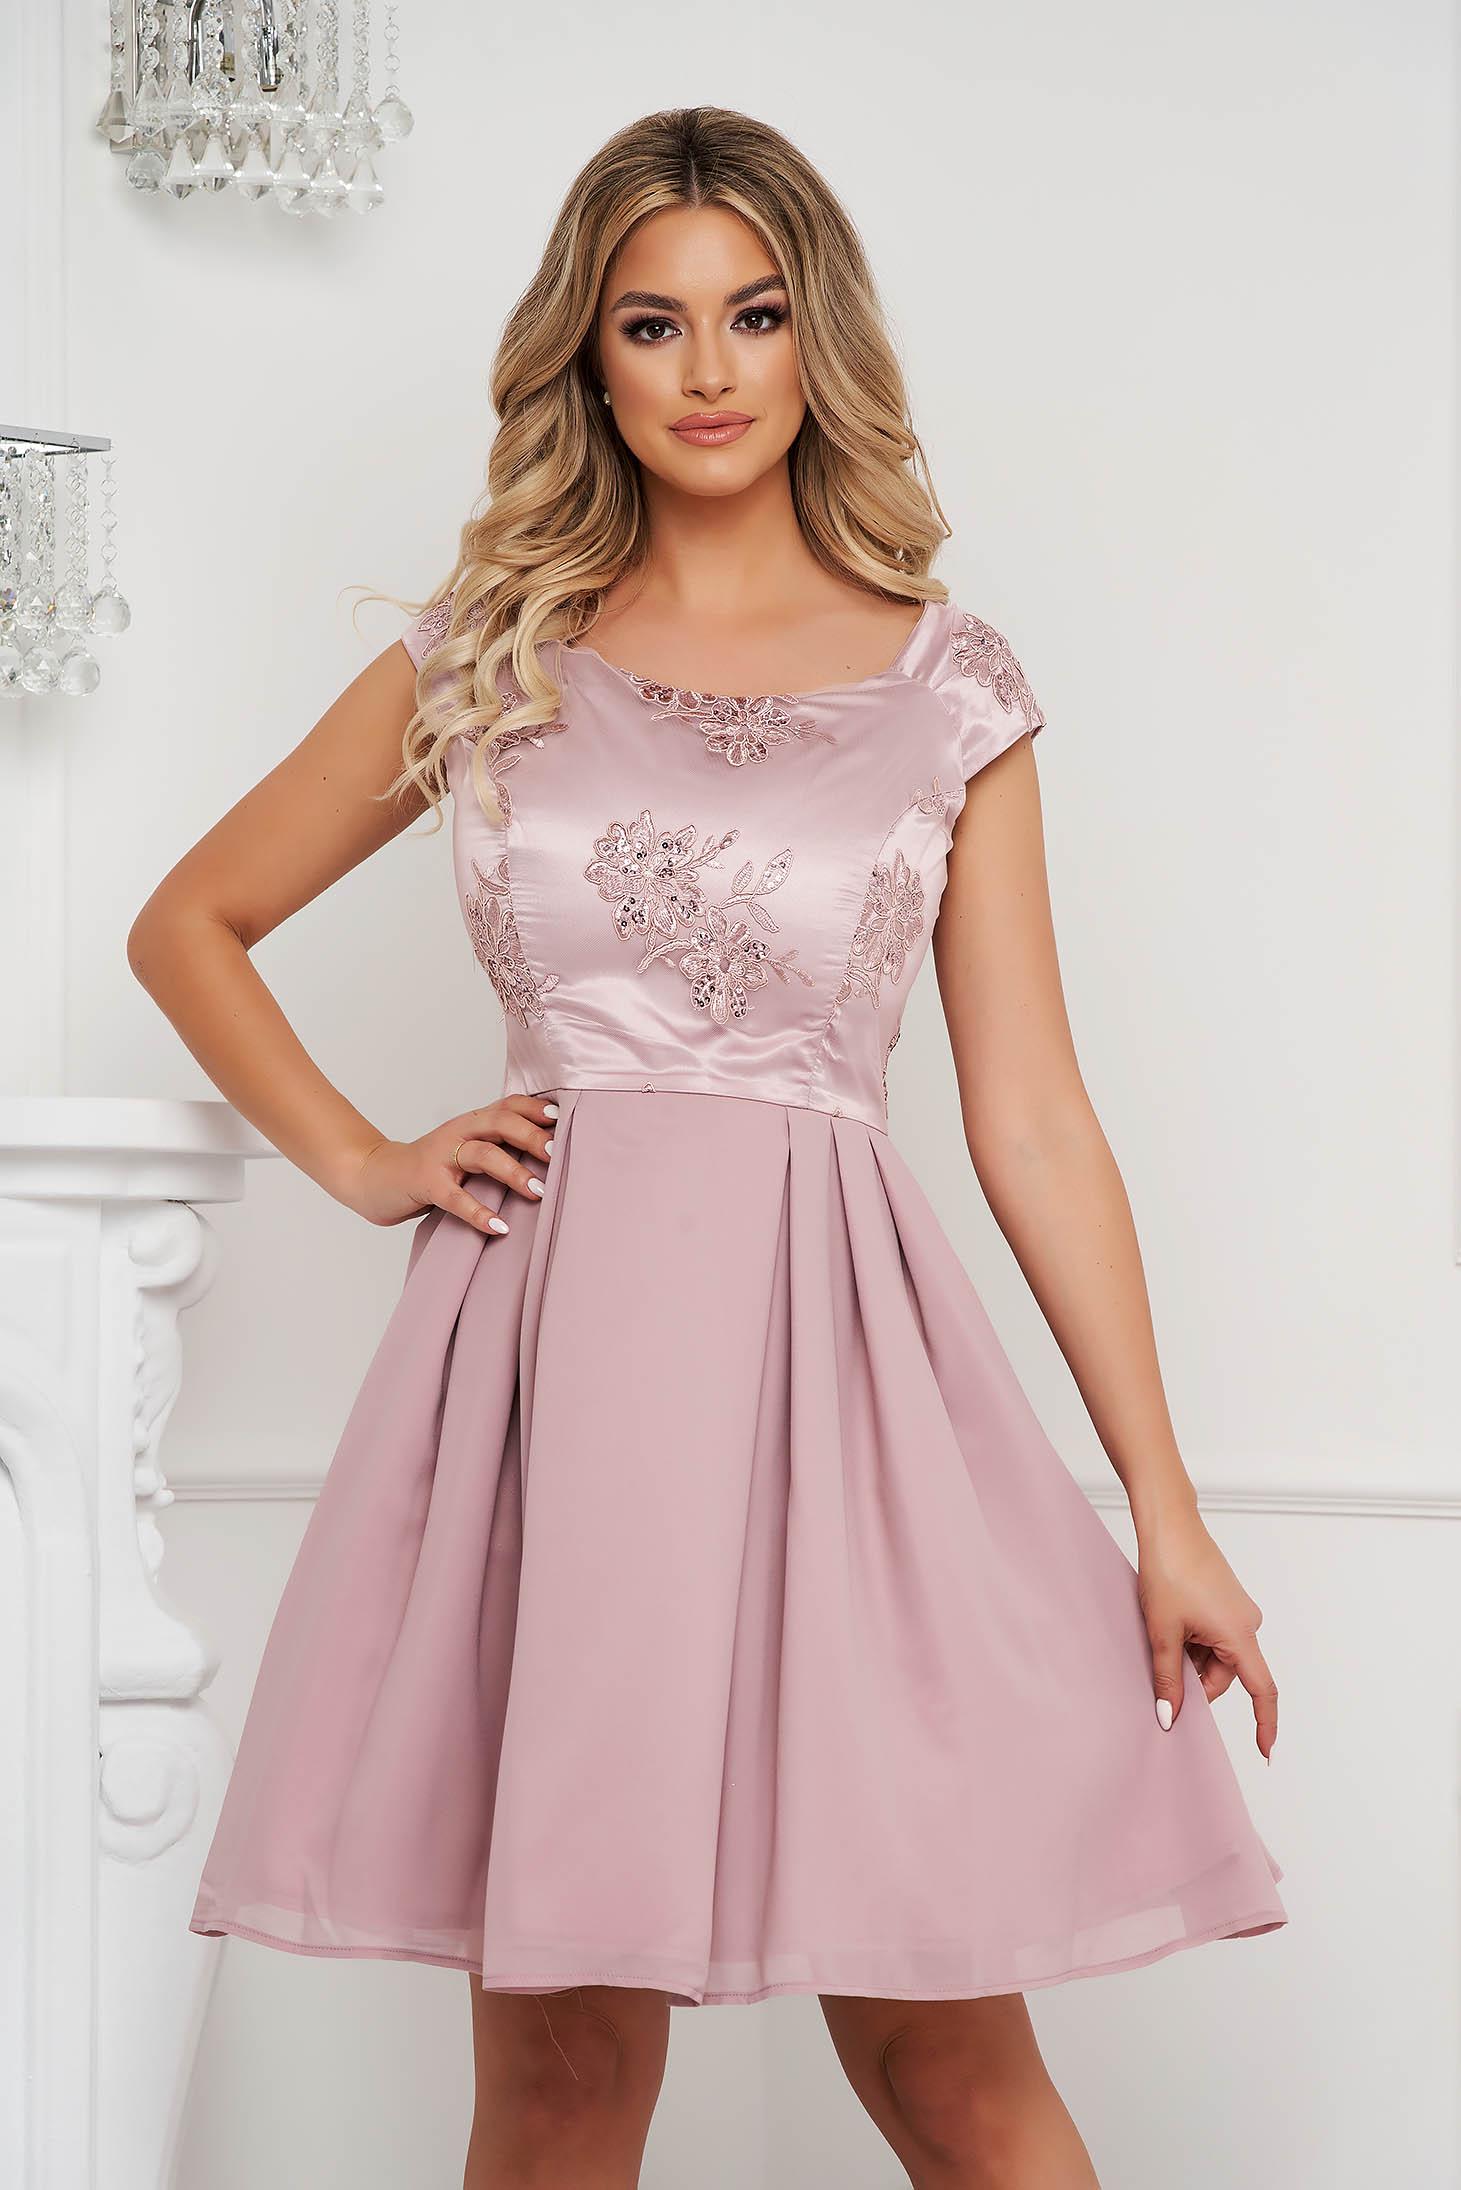 Rochie Lady Pandora roz prafuit scurta de ocazie in clos din material satinat cu aplicatii de dantela